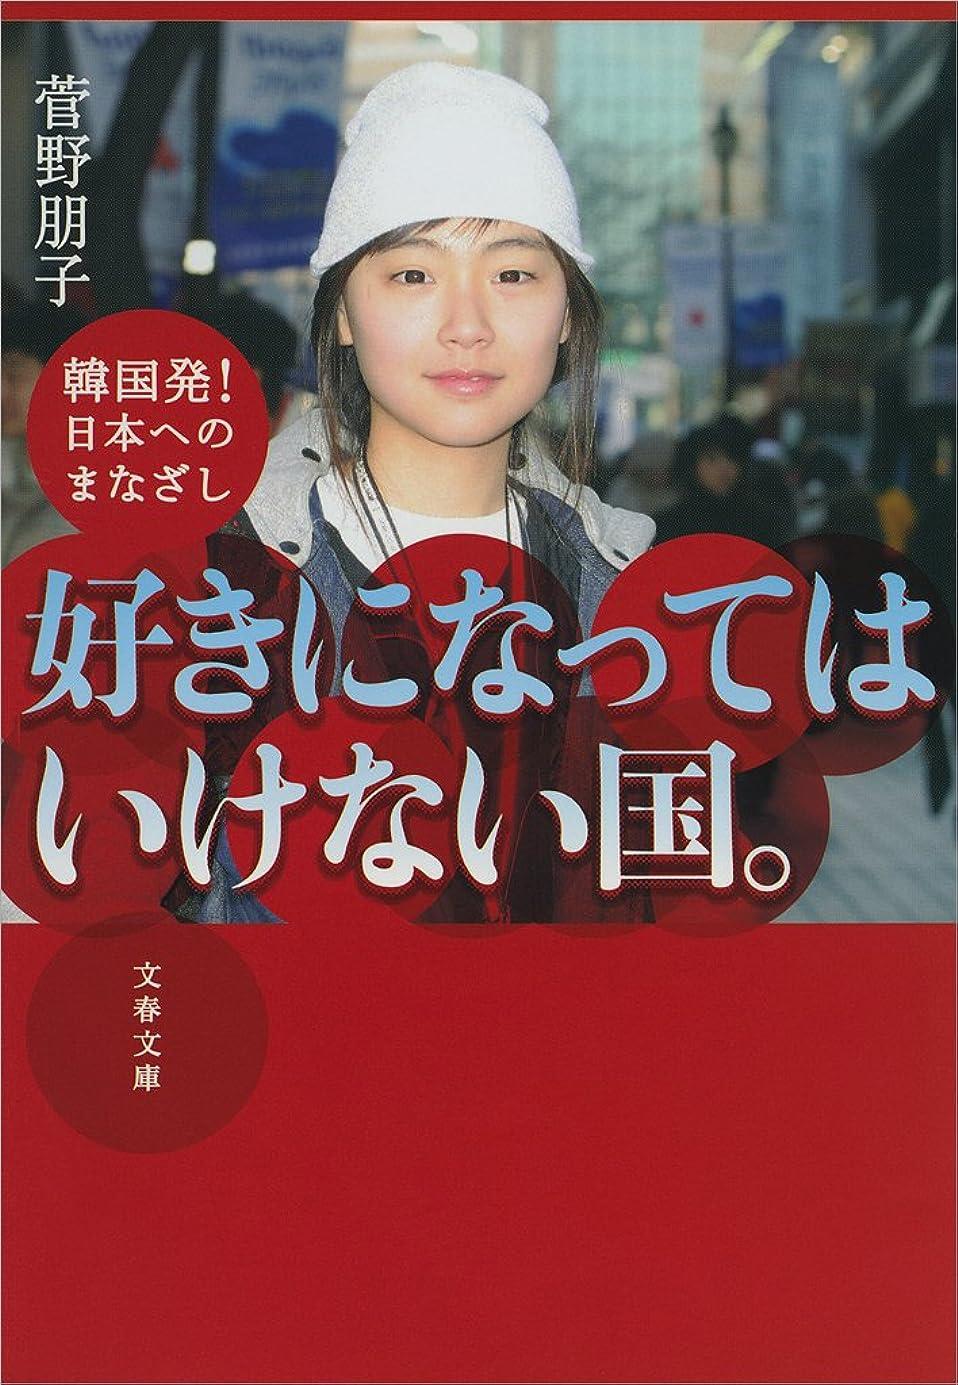 熱心な港古い好きになってはいけない国。韓国発!日本へのまなざし (文春文庫)